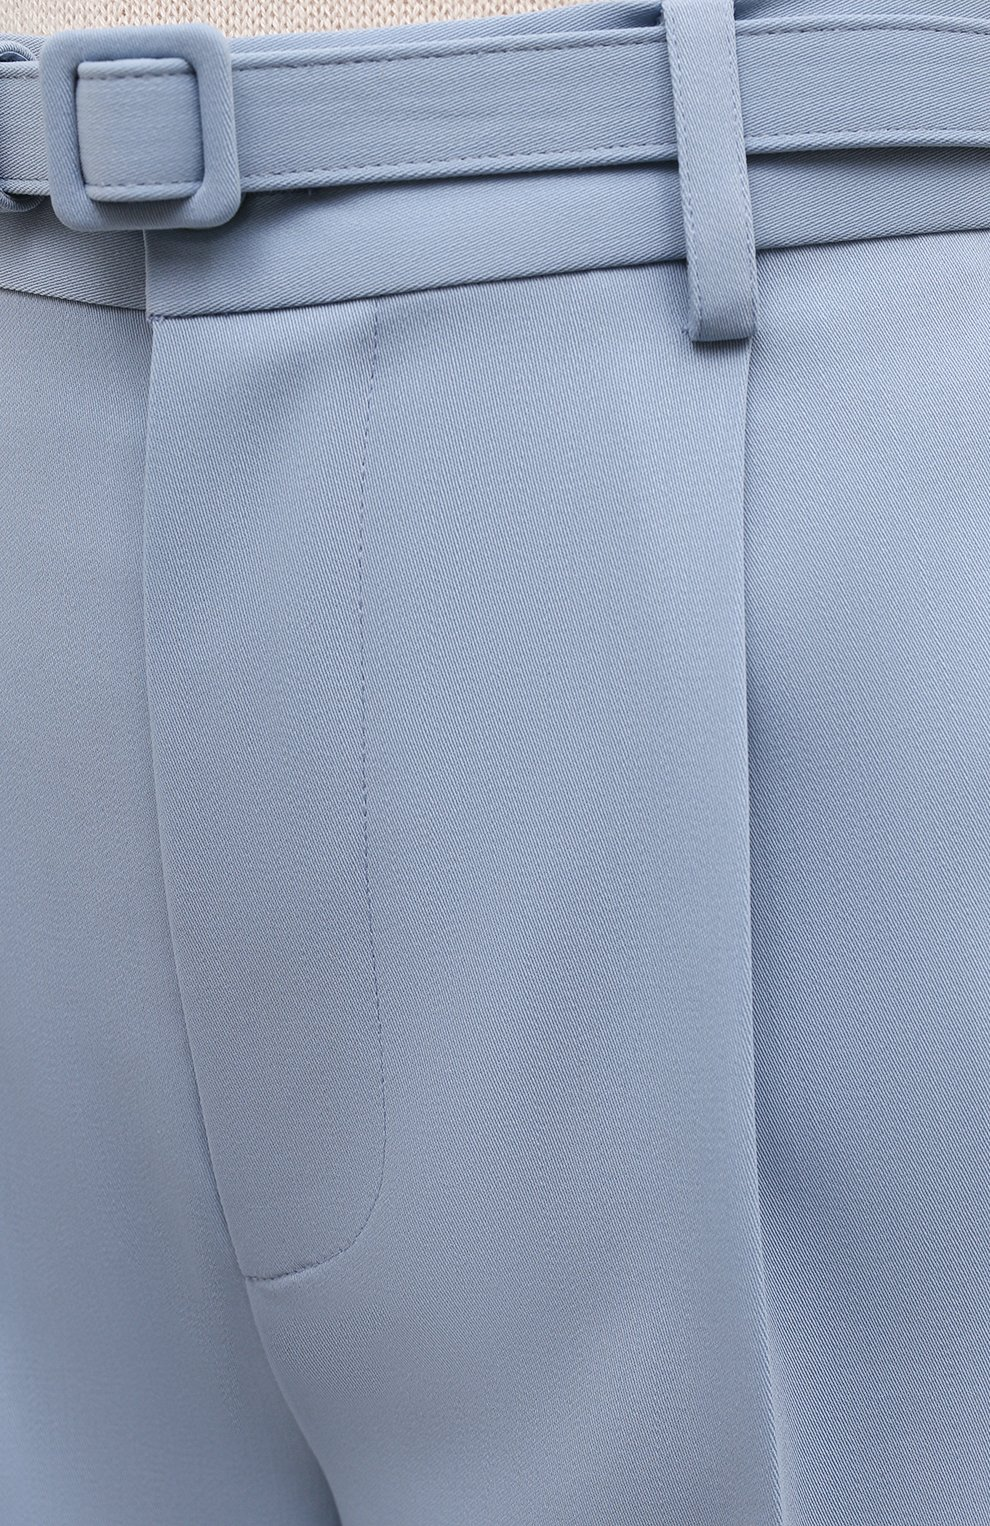 Женские шерстяные шорты RALPH LAUREN светло-голубого цвета, арт. 290842607 | Фото 5 (Женское Кросс-КТ: Шорты-одежда; Материал внешний: Шерсть; Длина Ж (юбки, платья, шорты): Мини; Кросс-КТ: Широкие; Стили: Романтичный)